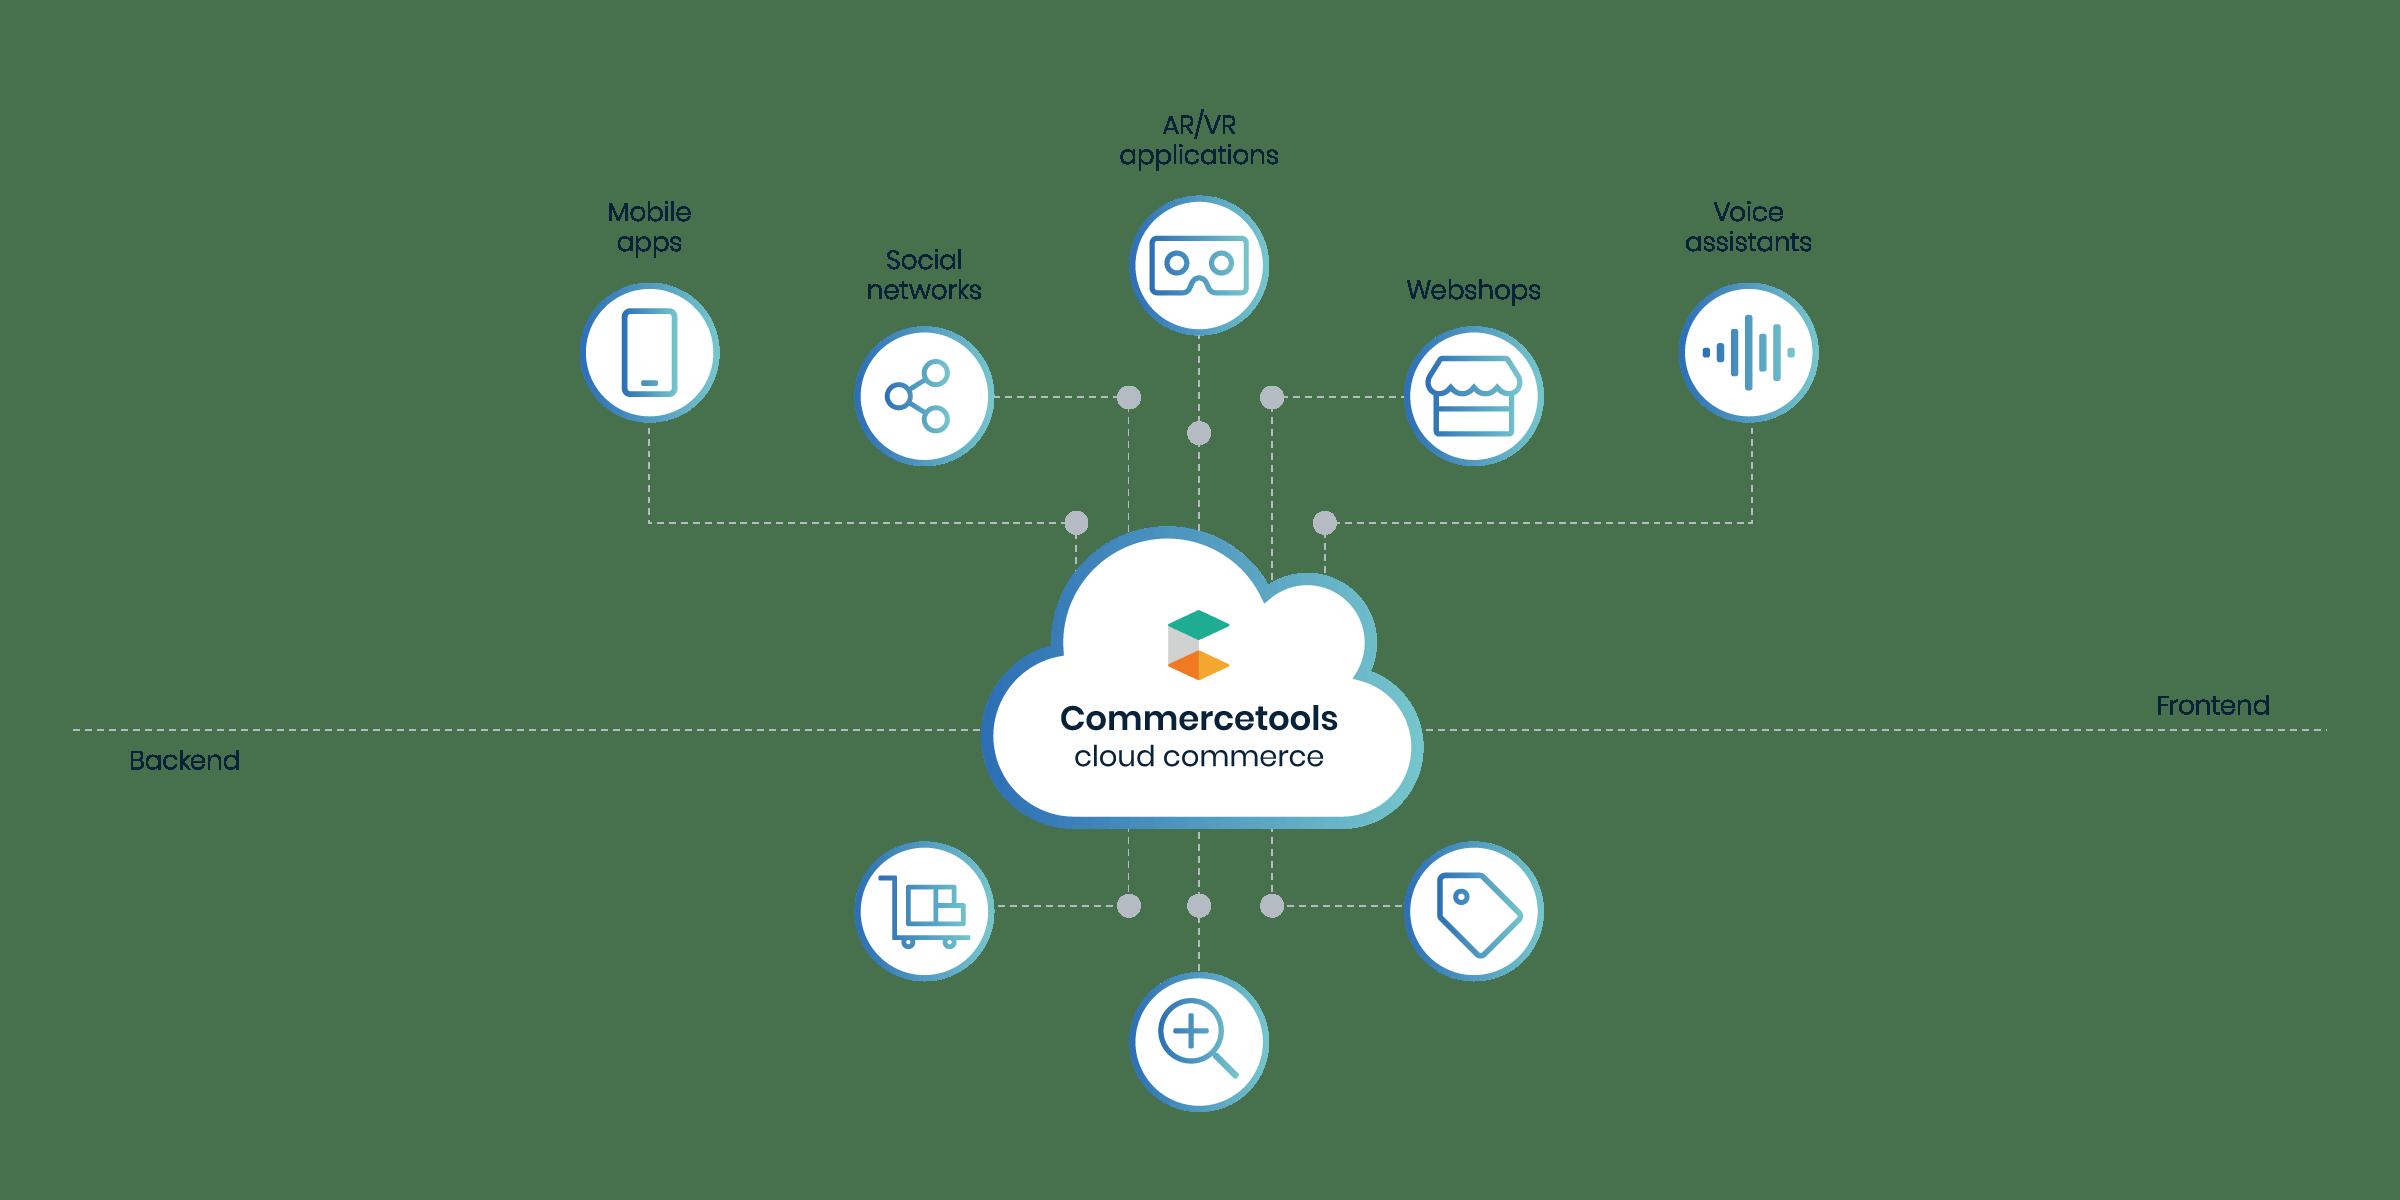 @2x_Commercetools cloud commerce